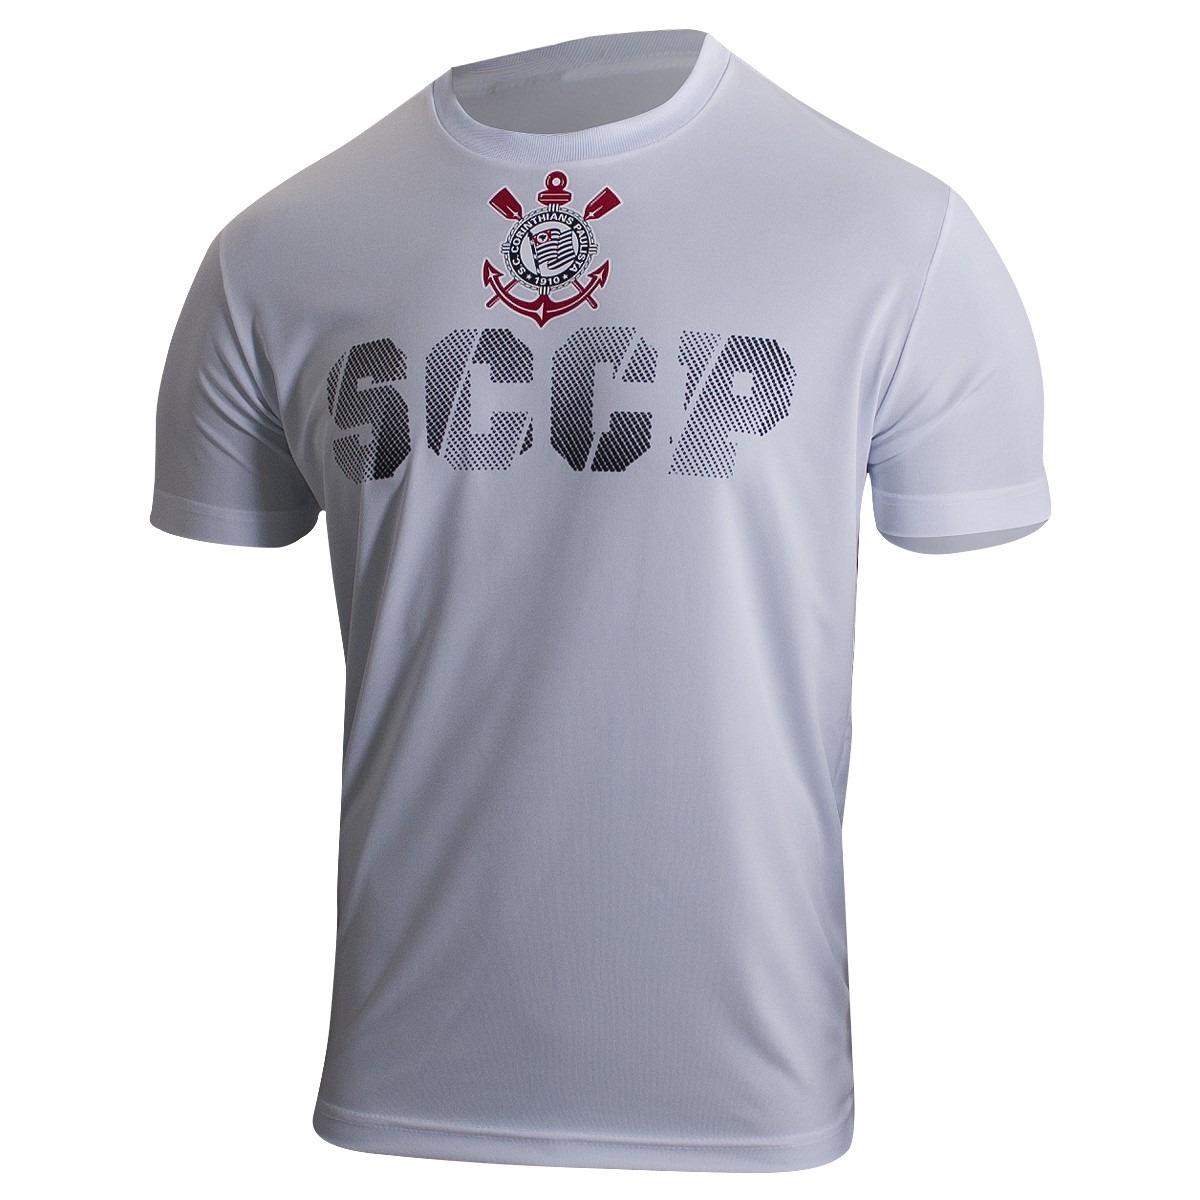 camiseta corinthians davis. Carregando zoom. db4653653091d